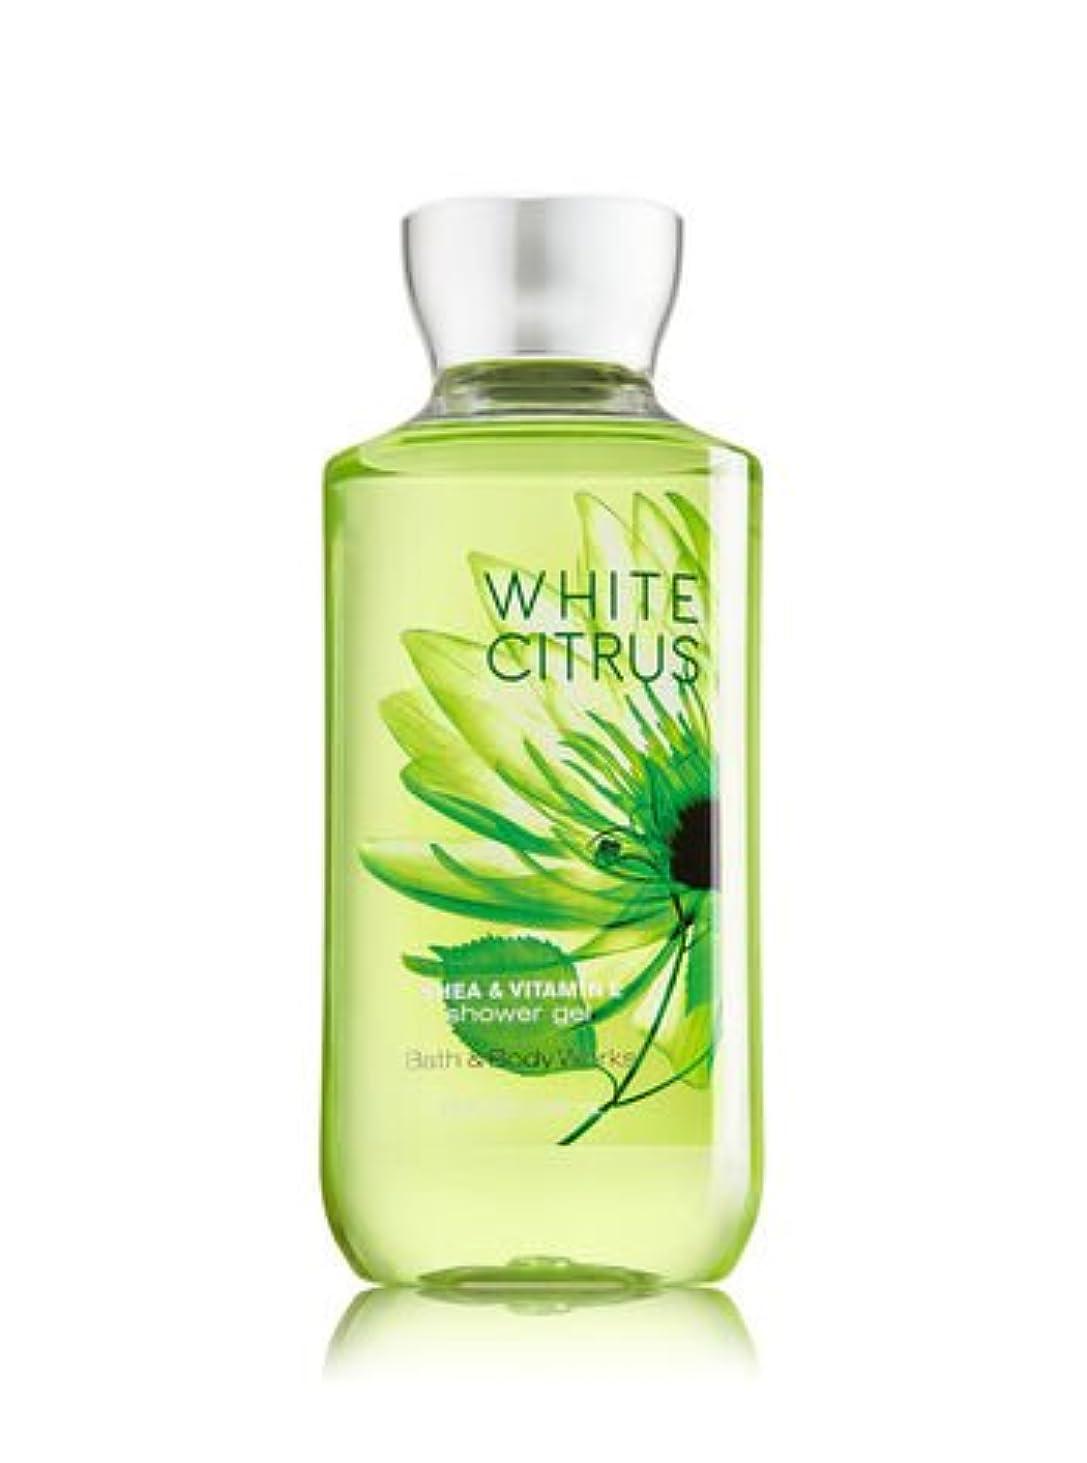 辛な意志に反するセグメントバス&ボディワークス ホワイトシトラス シャワージェル White Citrus Shower Gel [並行輸入品]